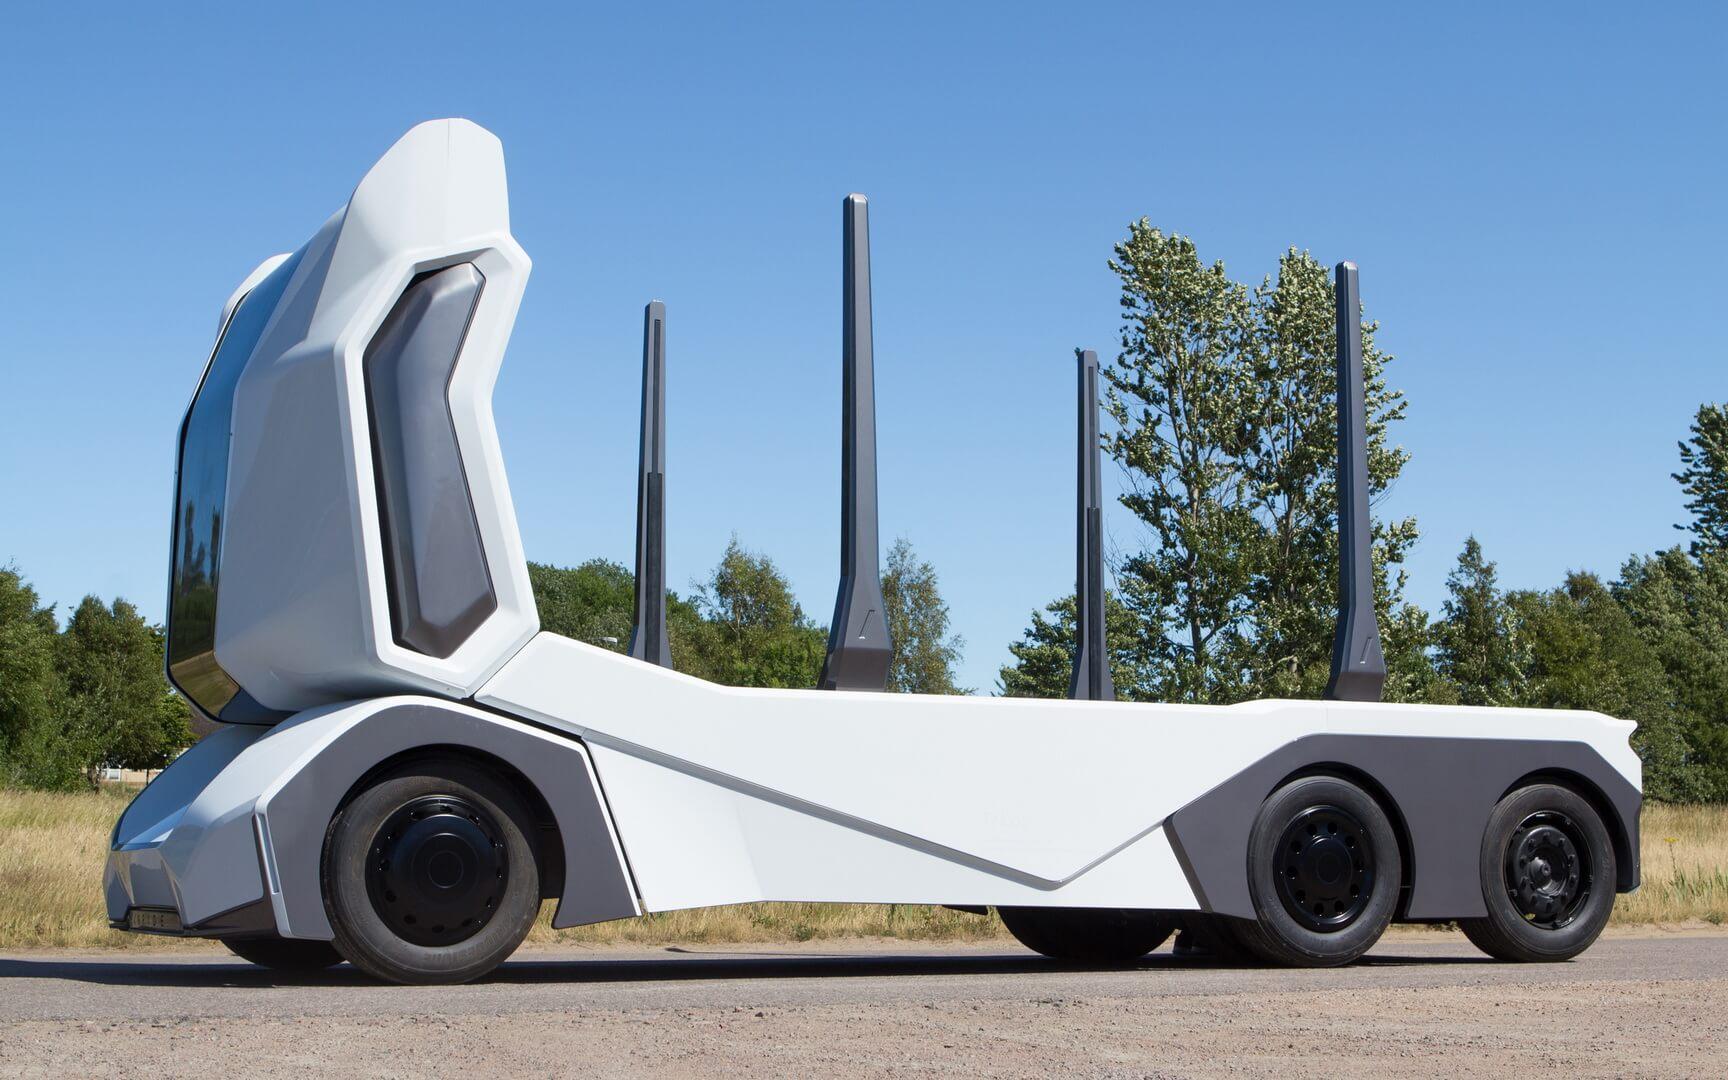 T/log — полностью электрический автономный грузовик без кабины для водителя